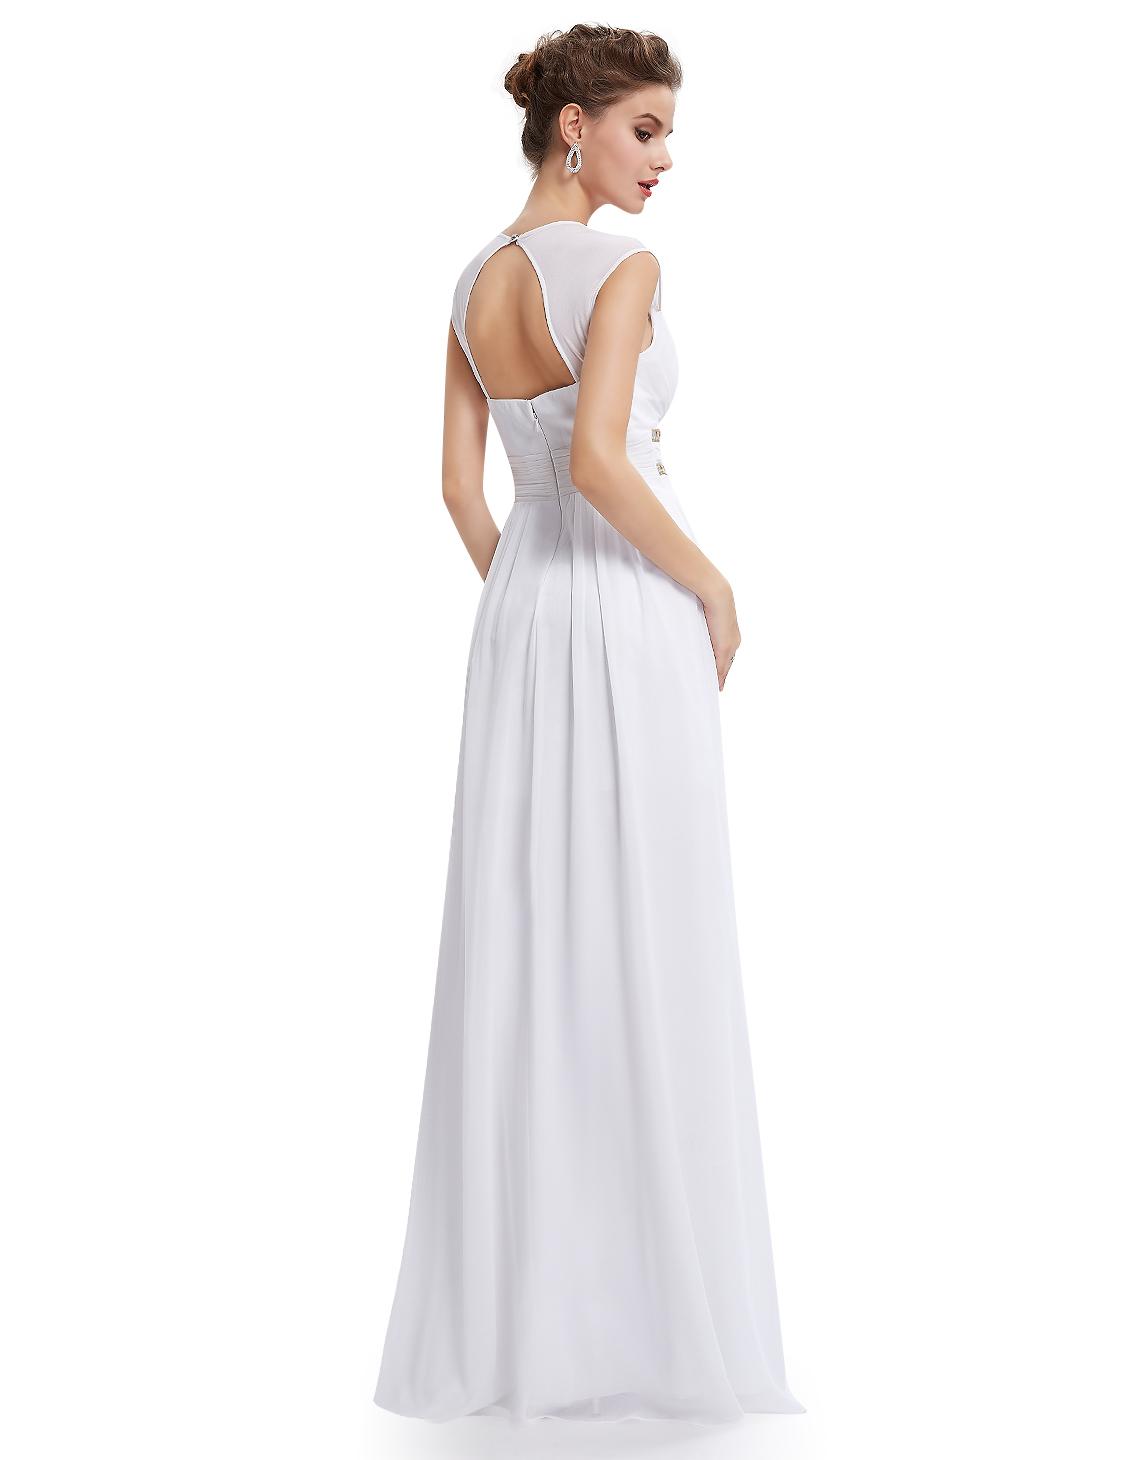 acc831995d4 Bílé dlouhé svatební šaty ve stylu řecké bohyně 36-38